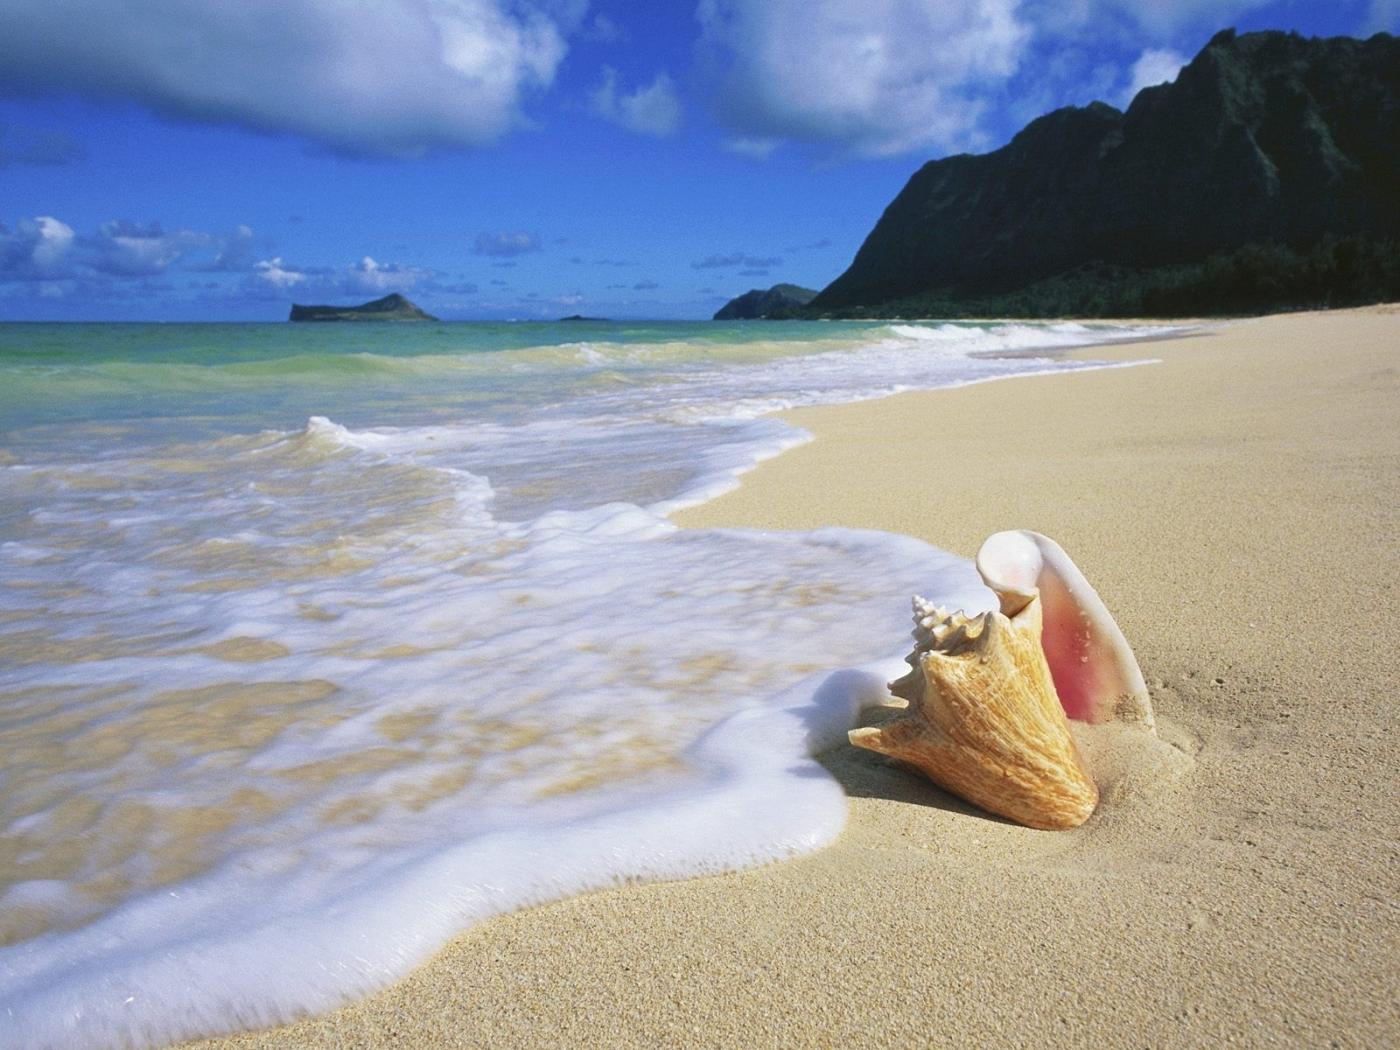 45942 скачать обои Пейзаж, Море, Пляж - заставки и картинки бесплатно